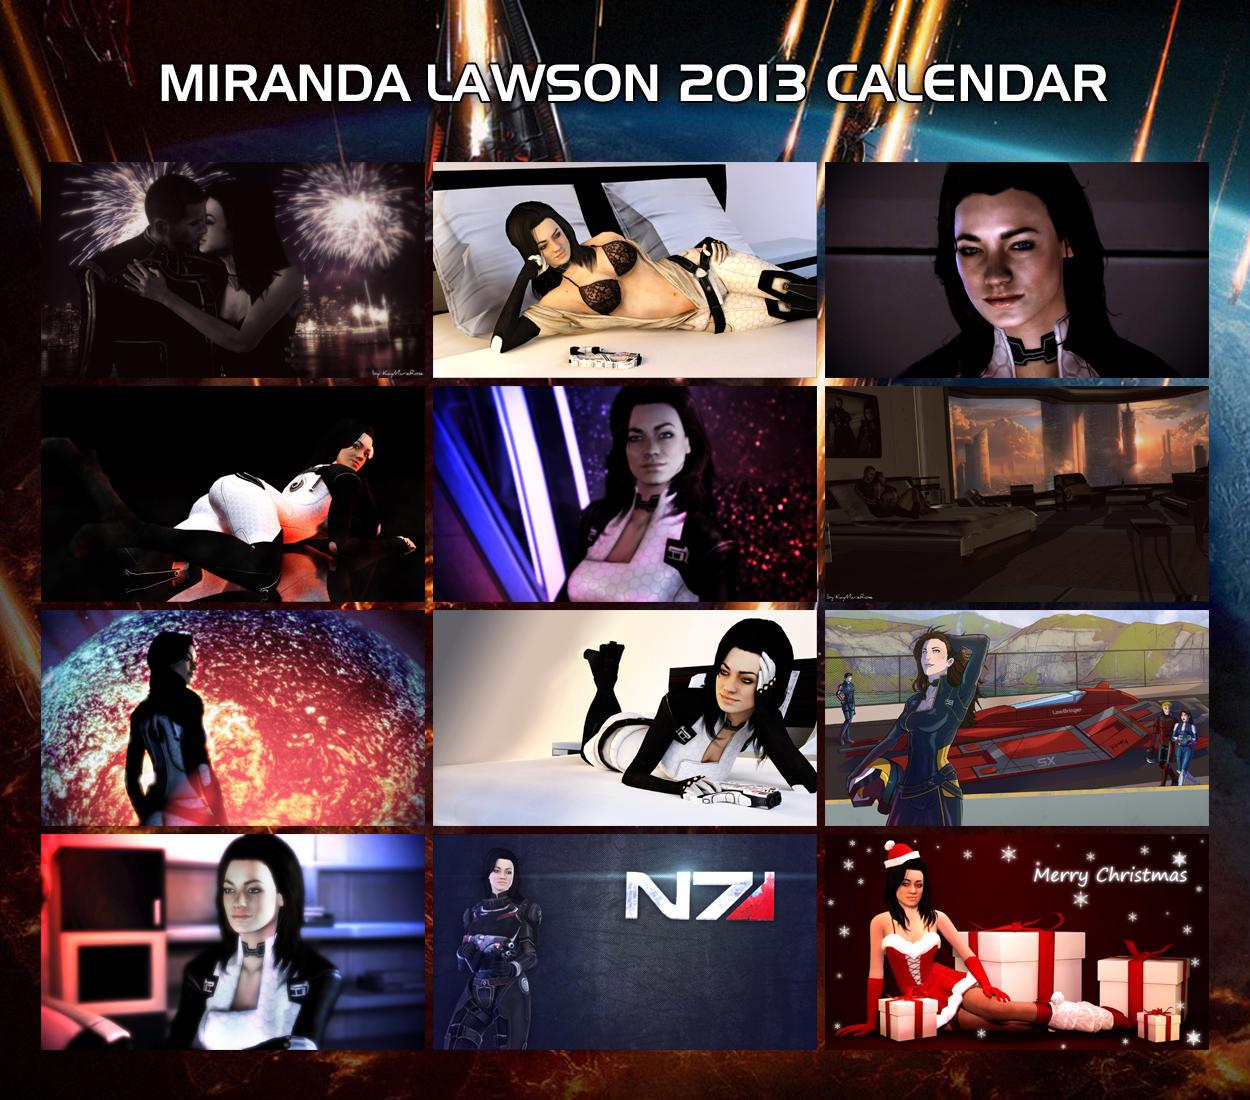 Miranda Lawson 2013 Wall Calendar by Skllhrt